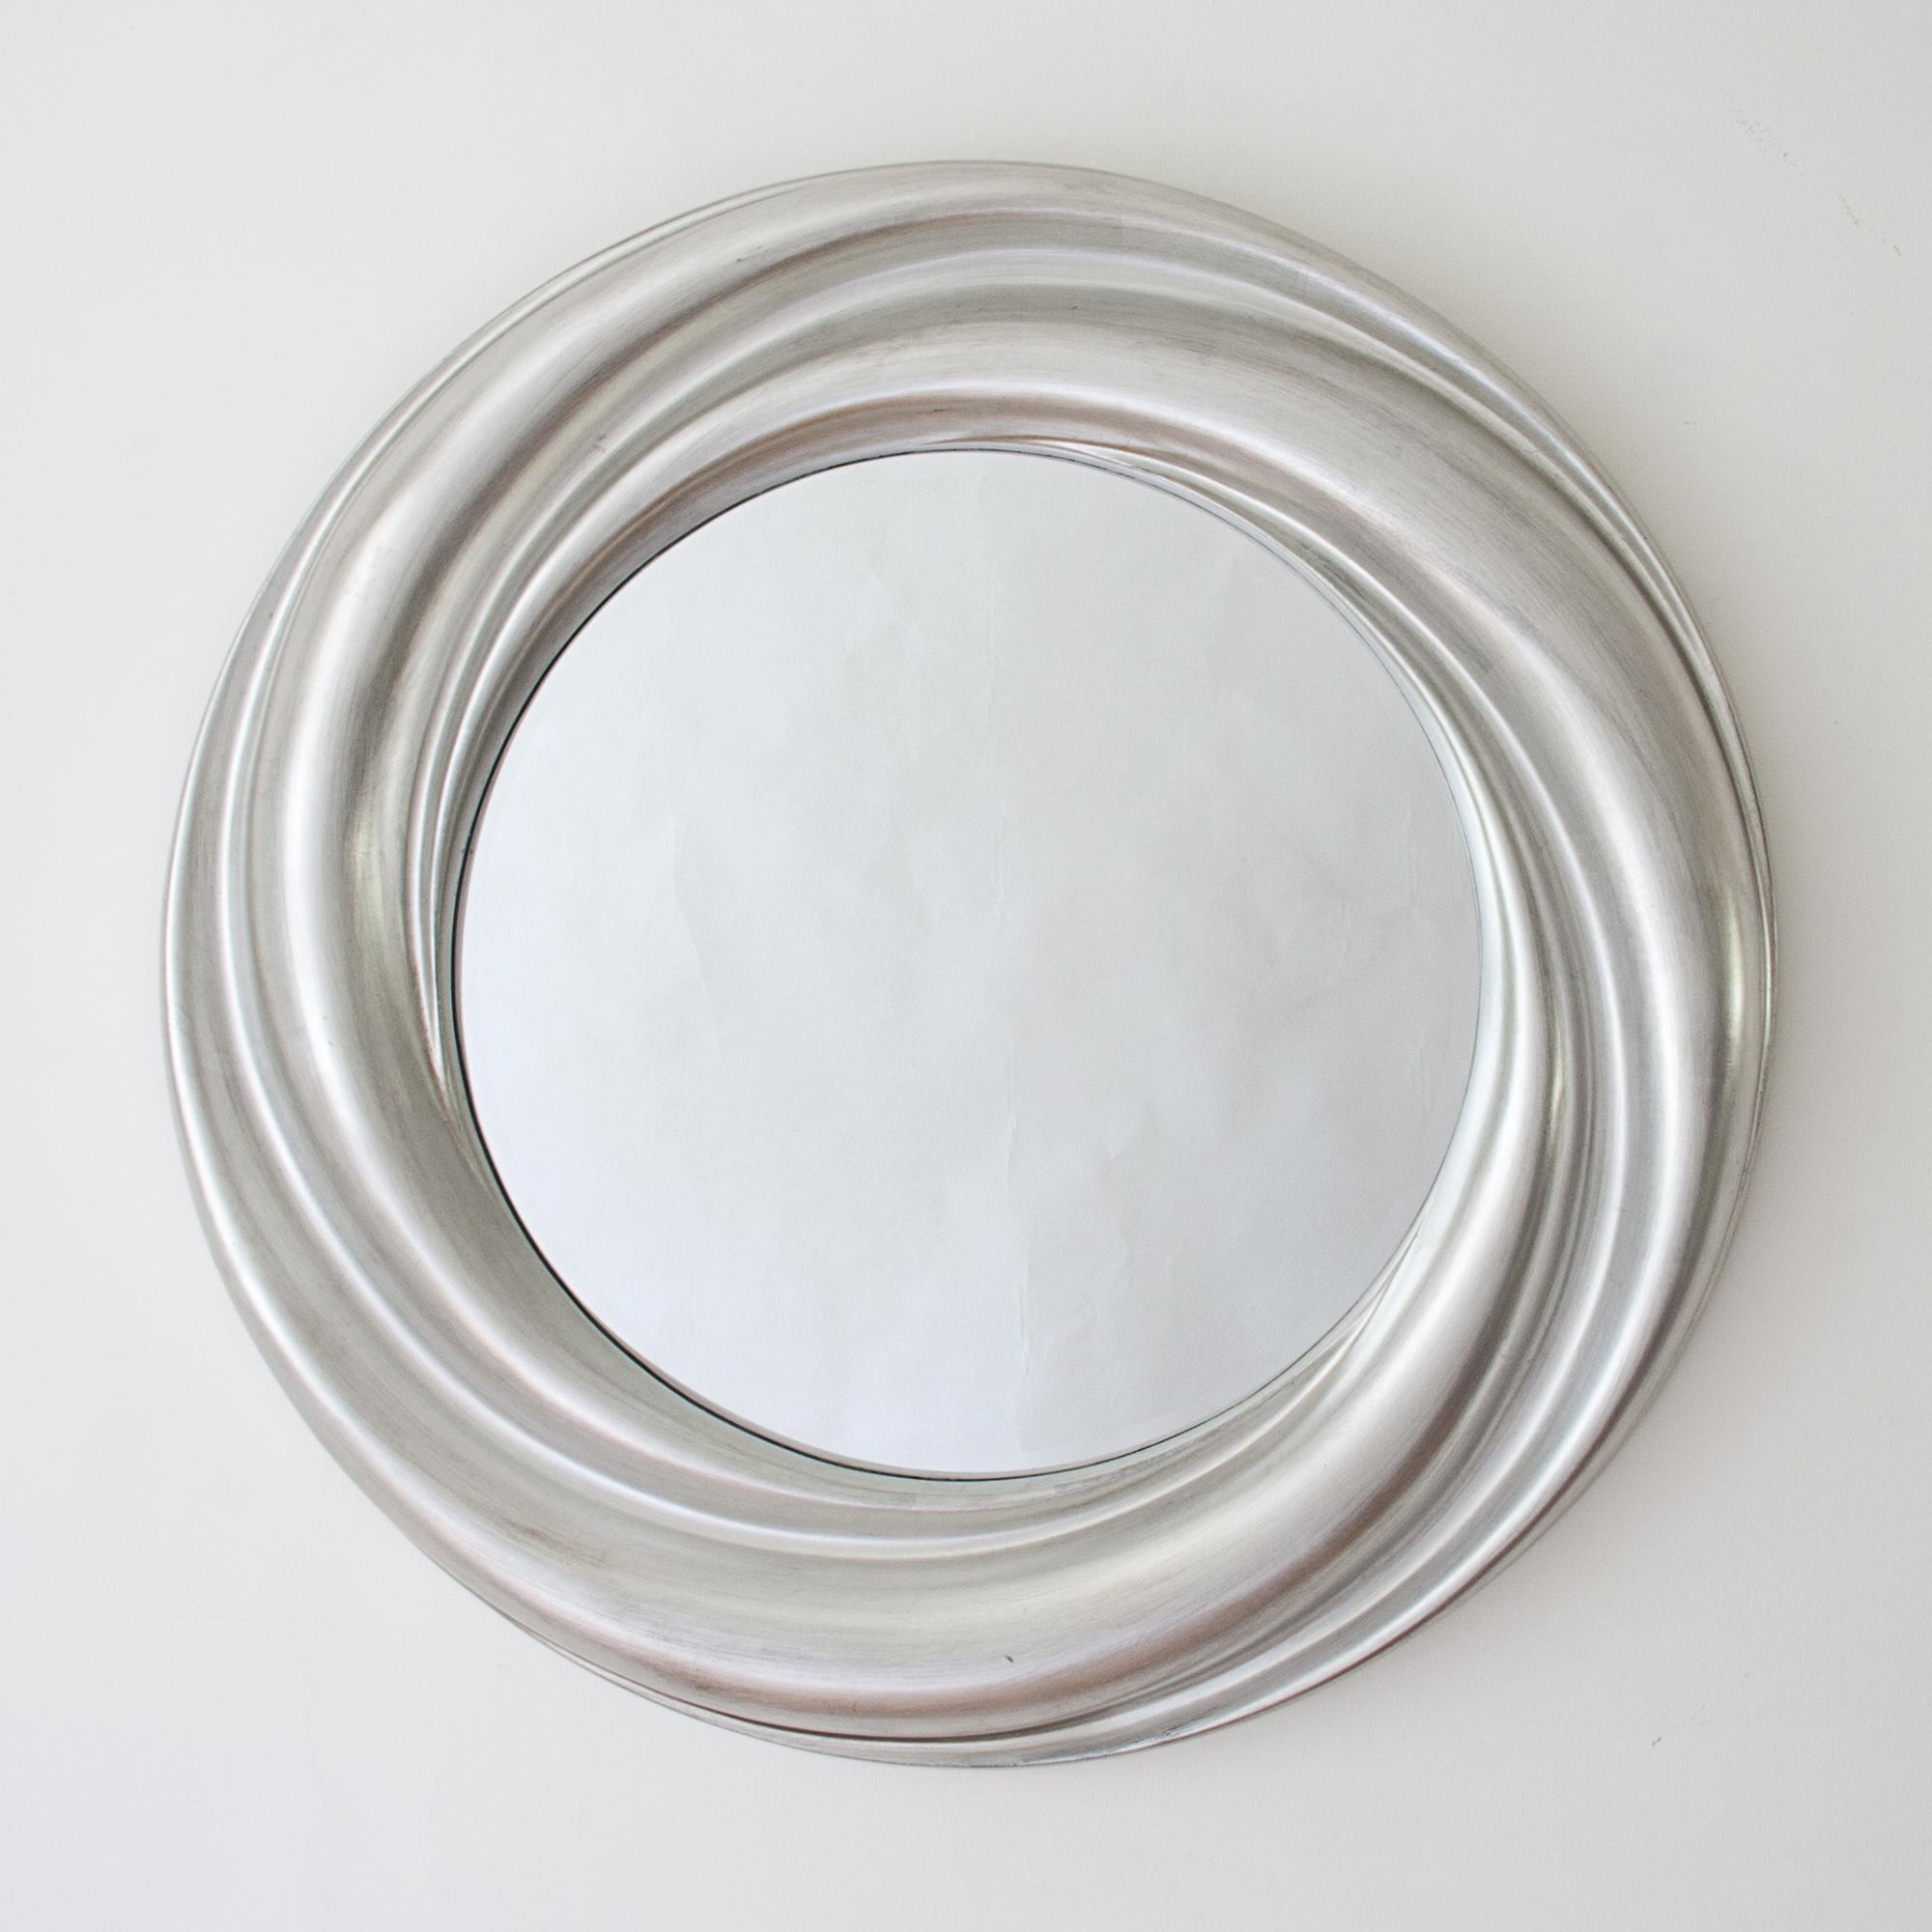 Designer Round Mirrors Howard Elliott Raymus Round Mirror In Pertaining To Silver Round Mirrors (Image 7 of 15)